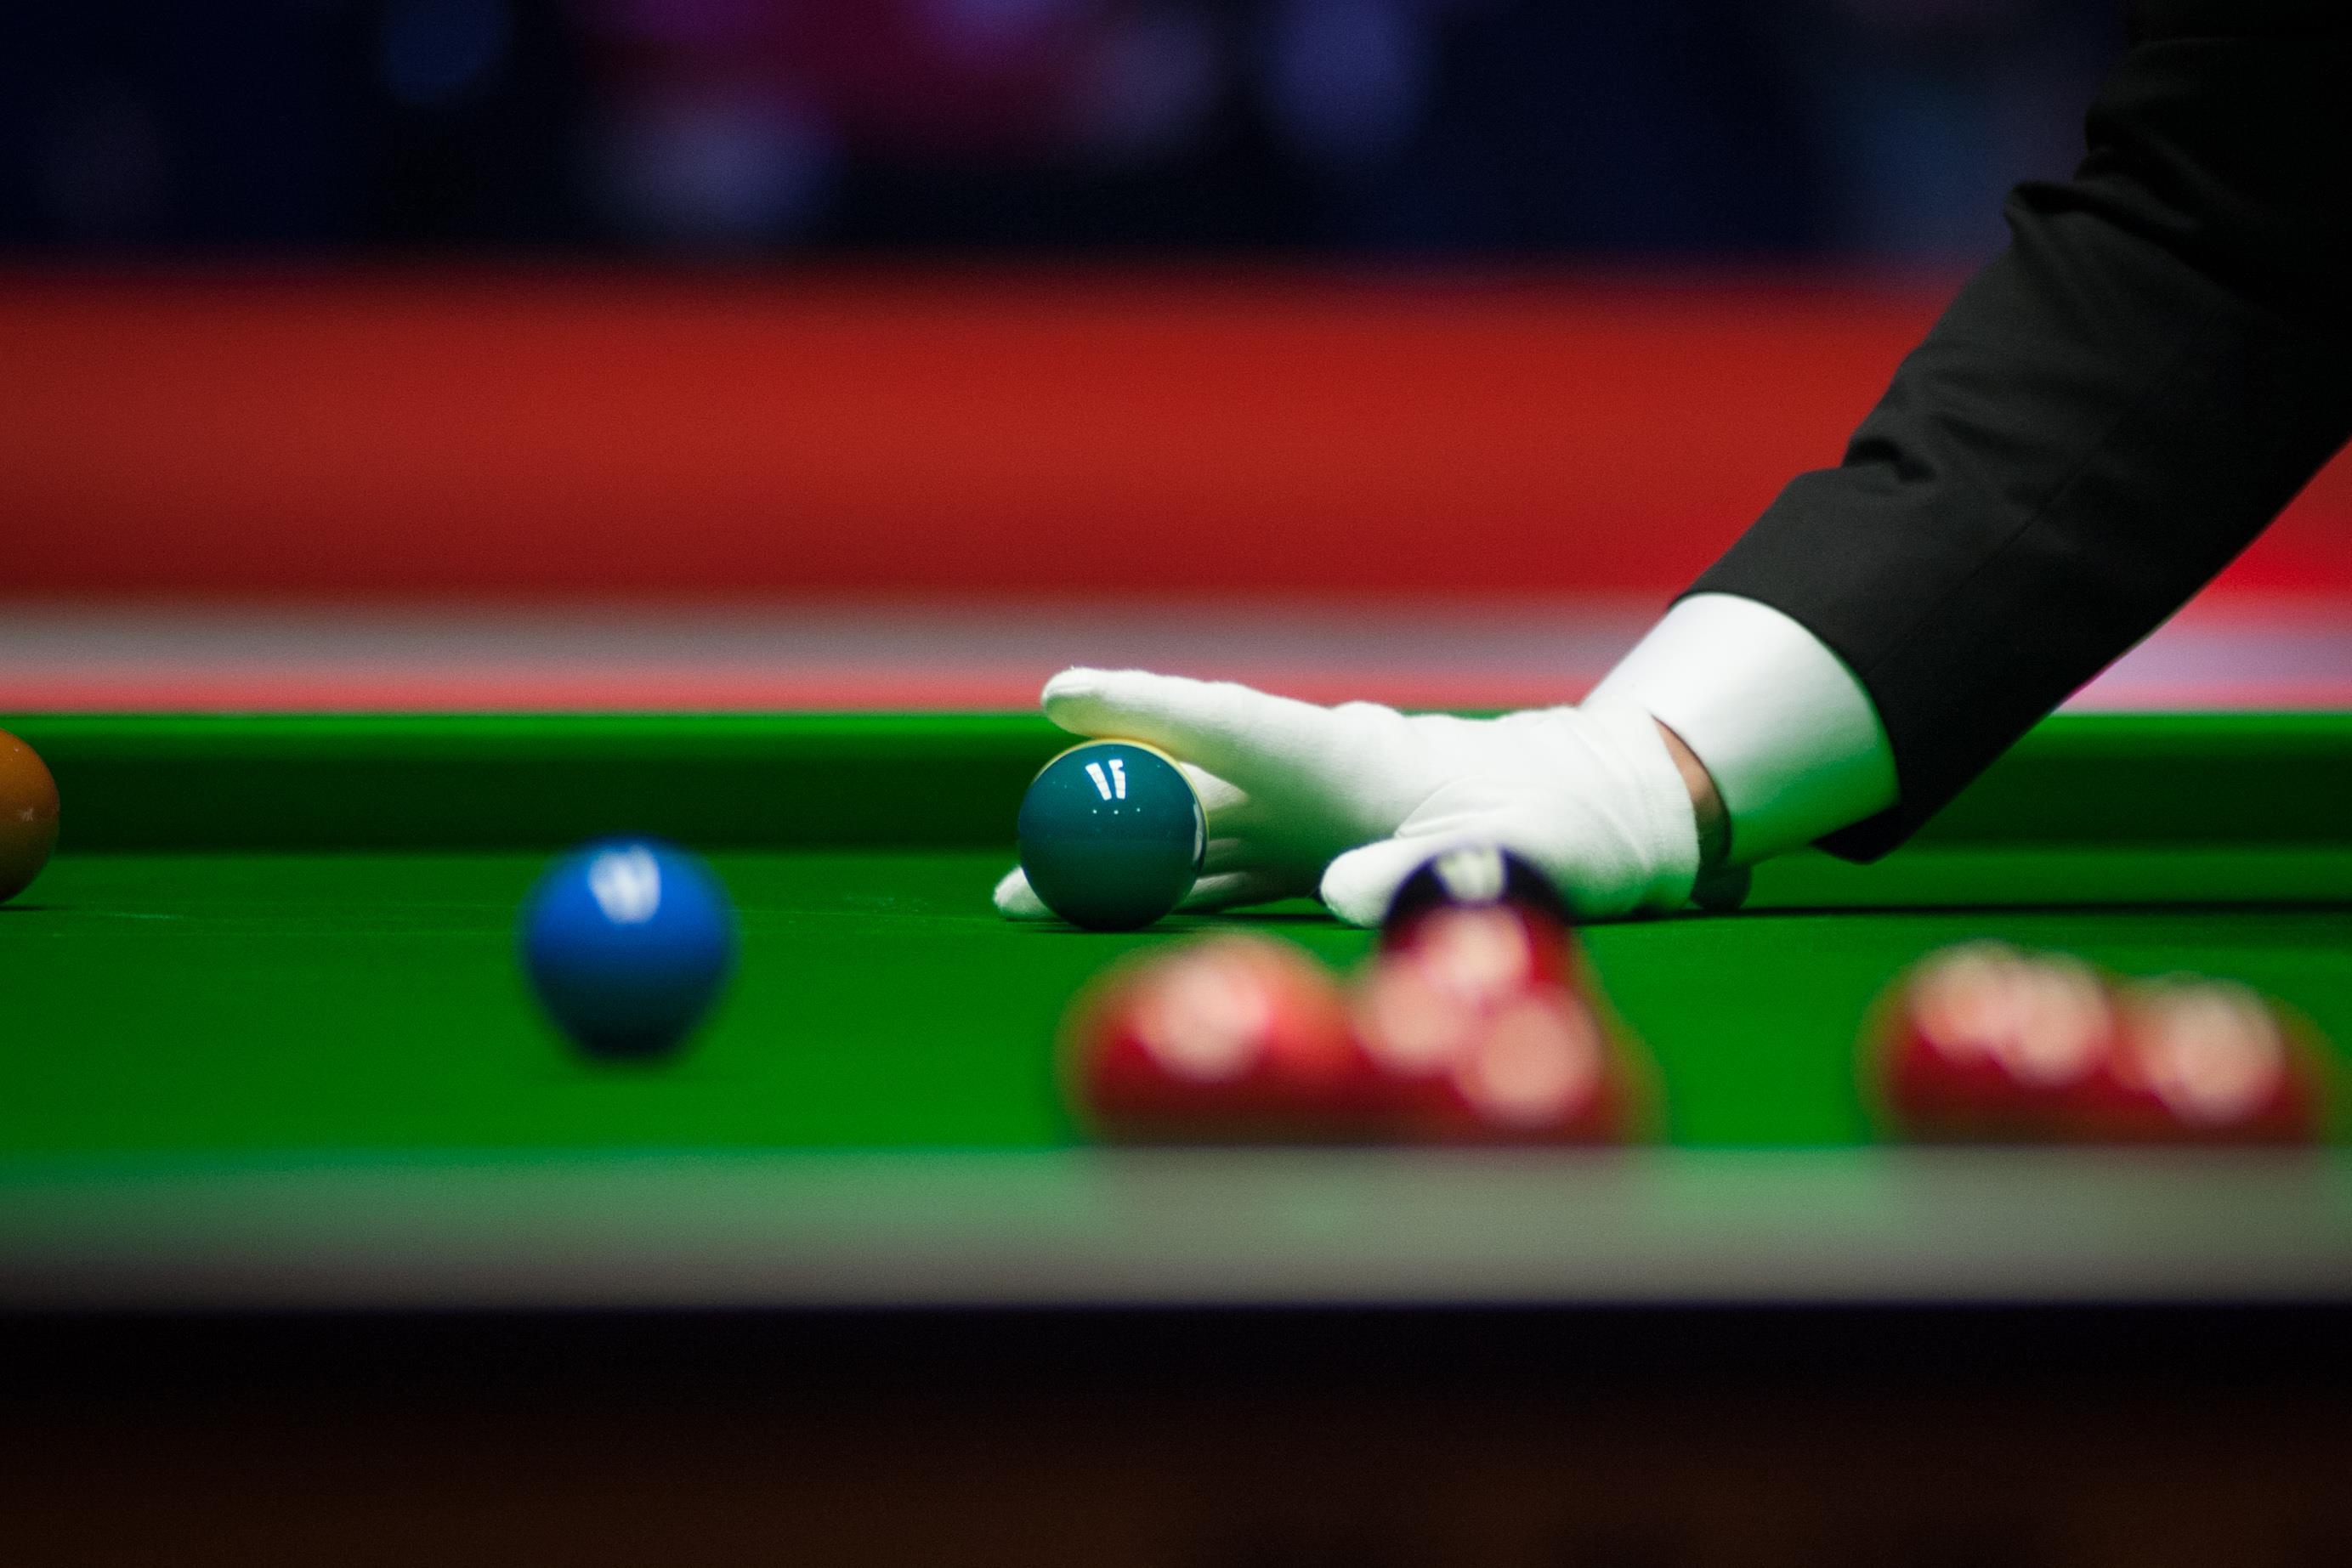 Snooker Balls ()